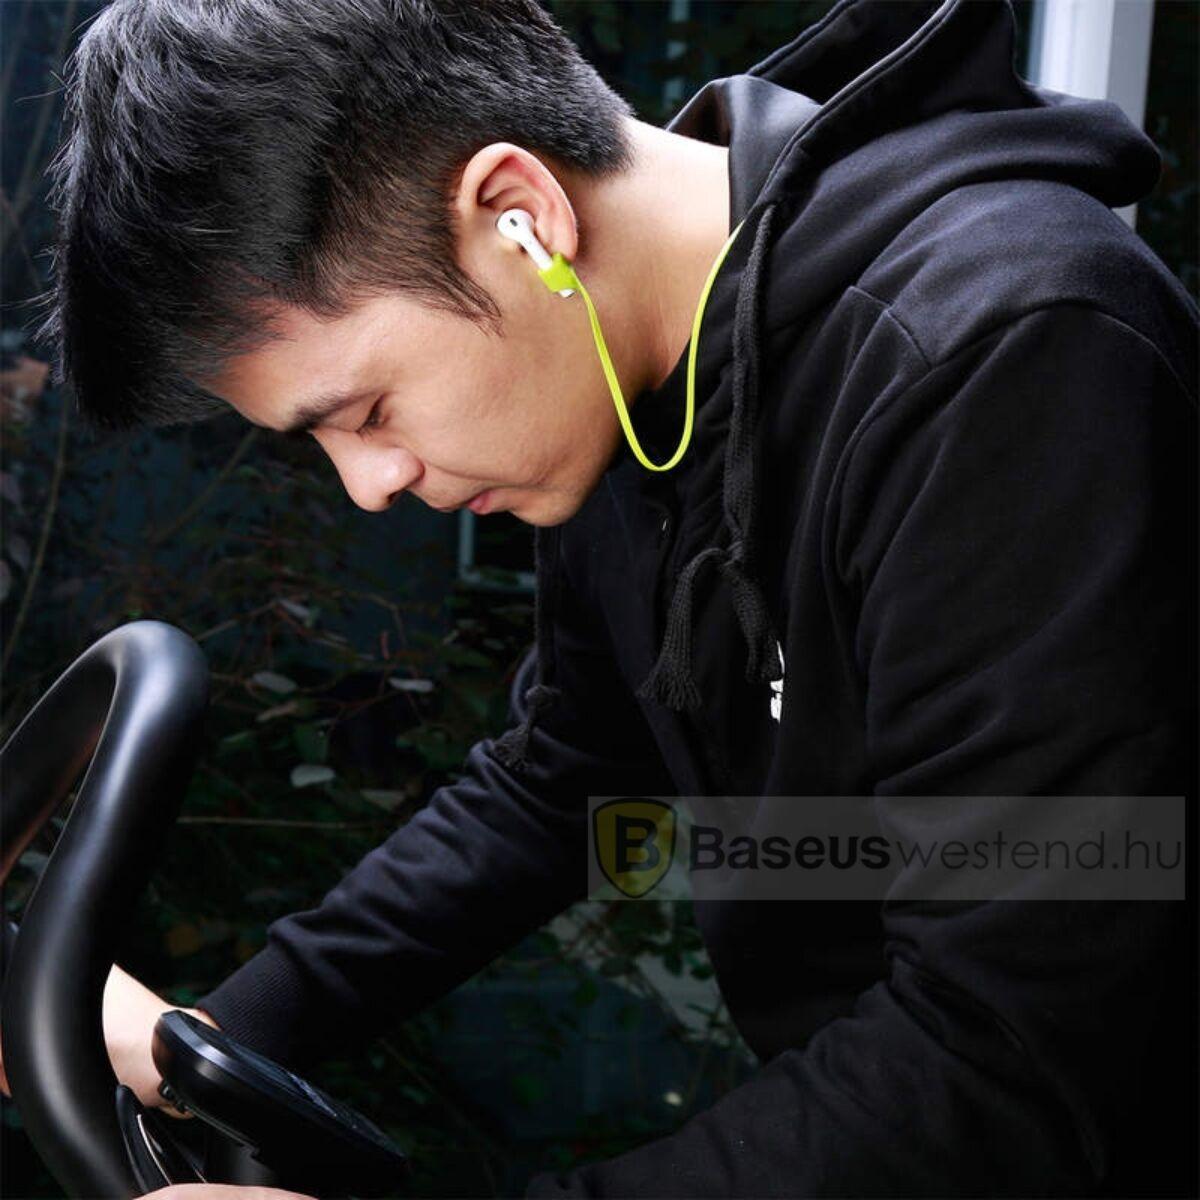 Baseus fülhallgató, tartó, AirPods kompatibilis, szilikon, mágneses, nyakba akasztható, lapos kábel, zöld (ACGS-A06)